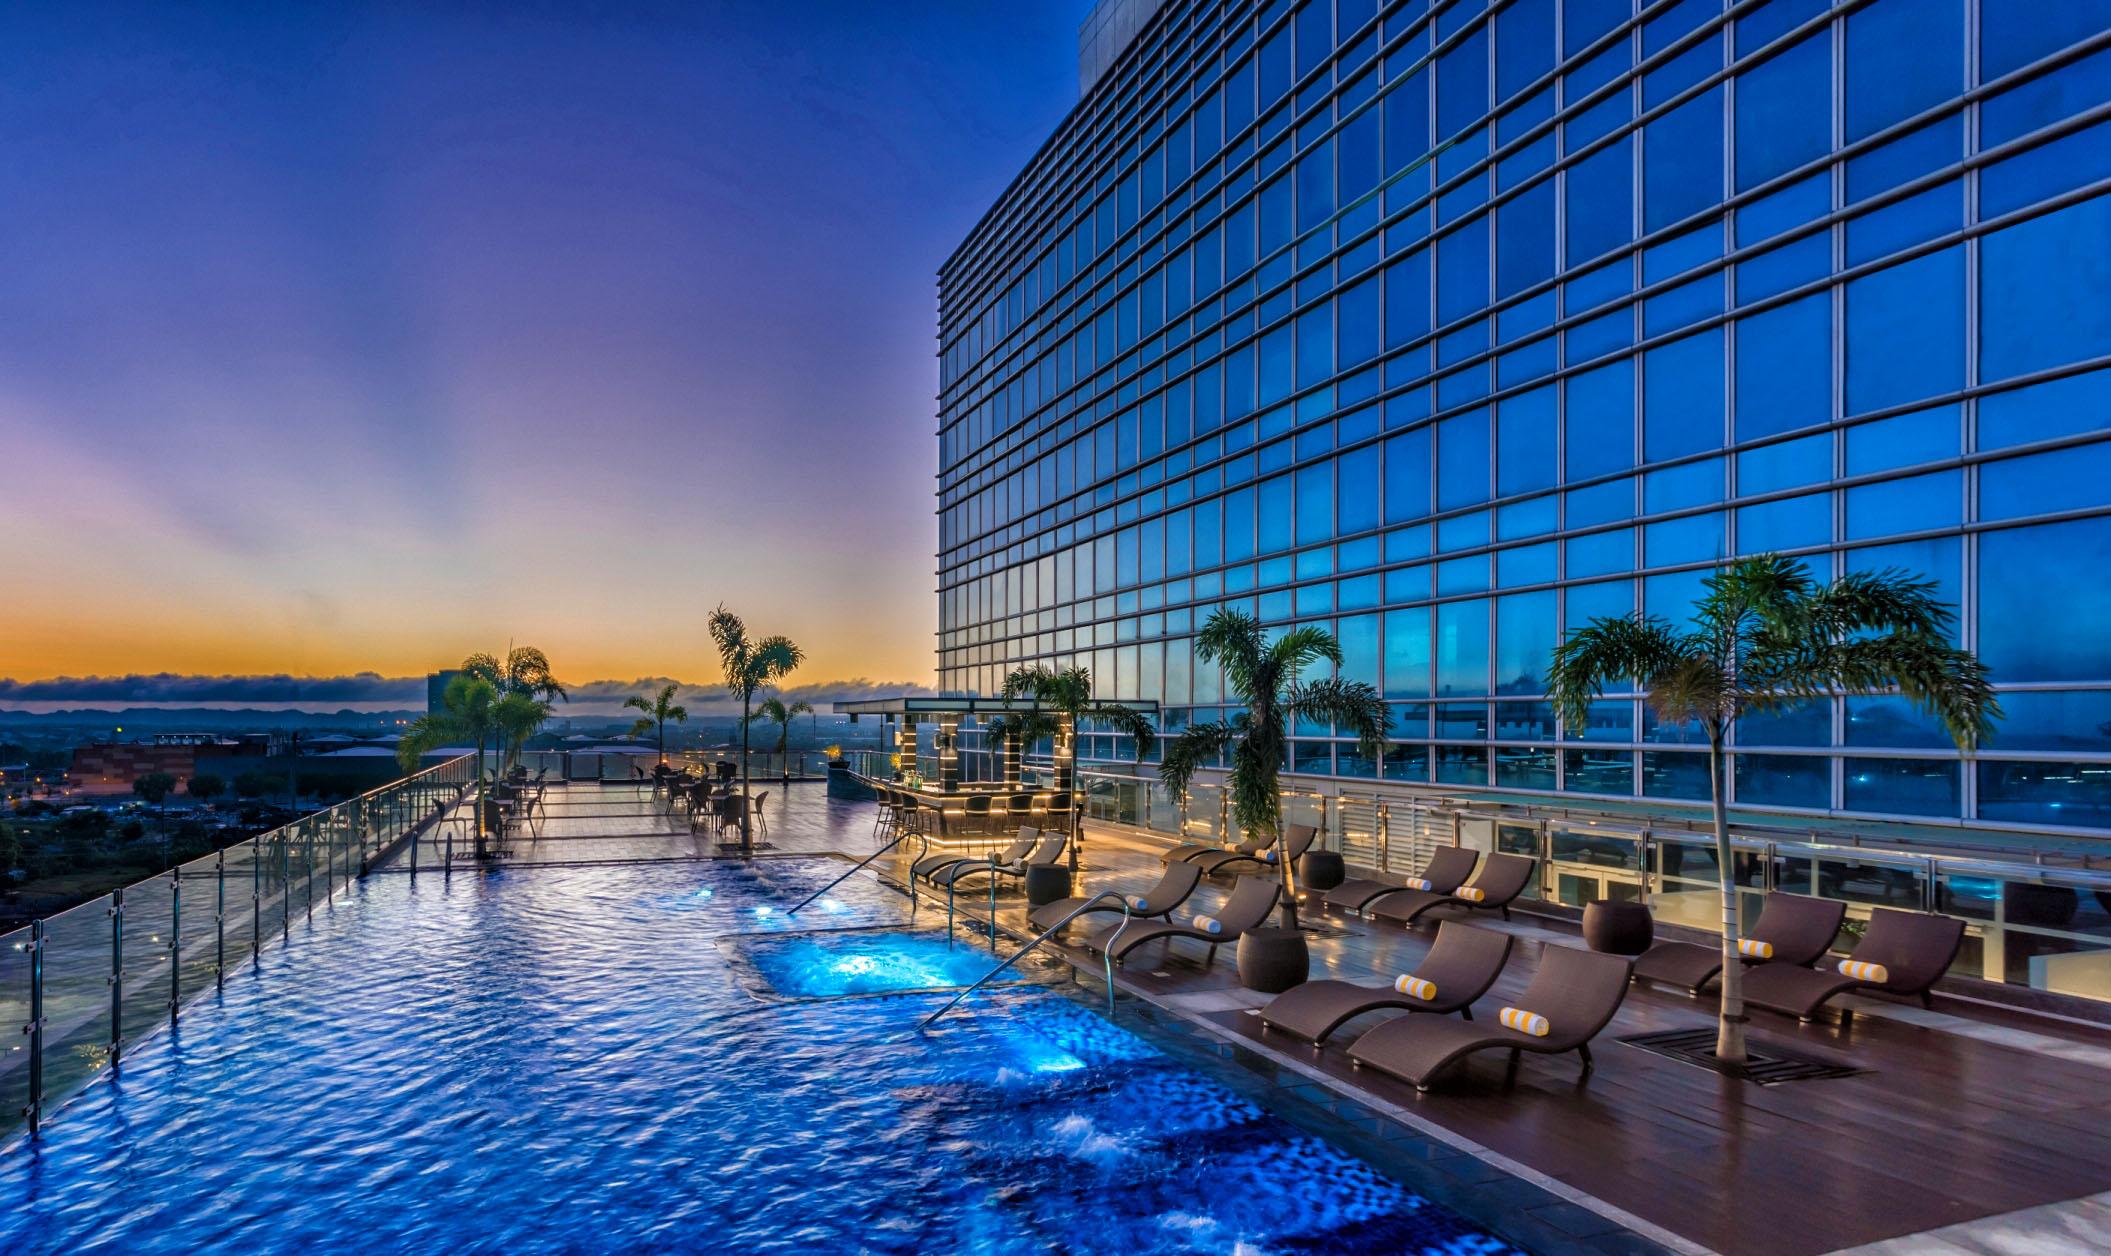 Richmonde Hotel Iloilo's Swimming Pool